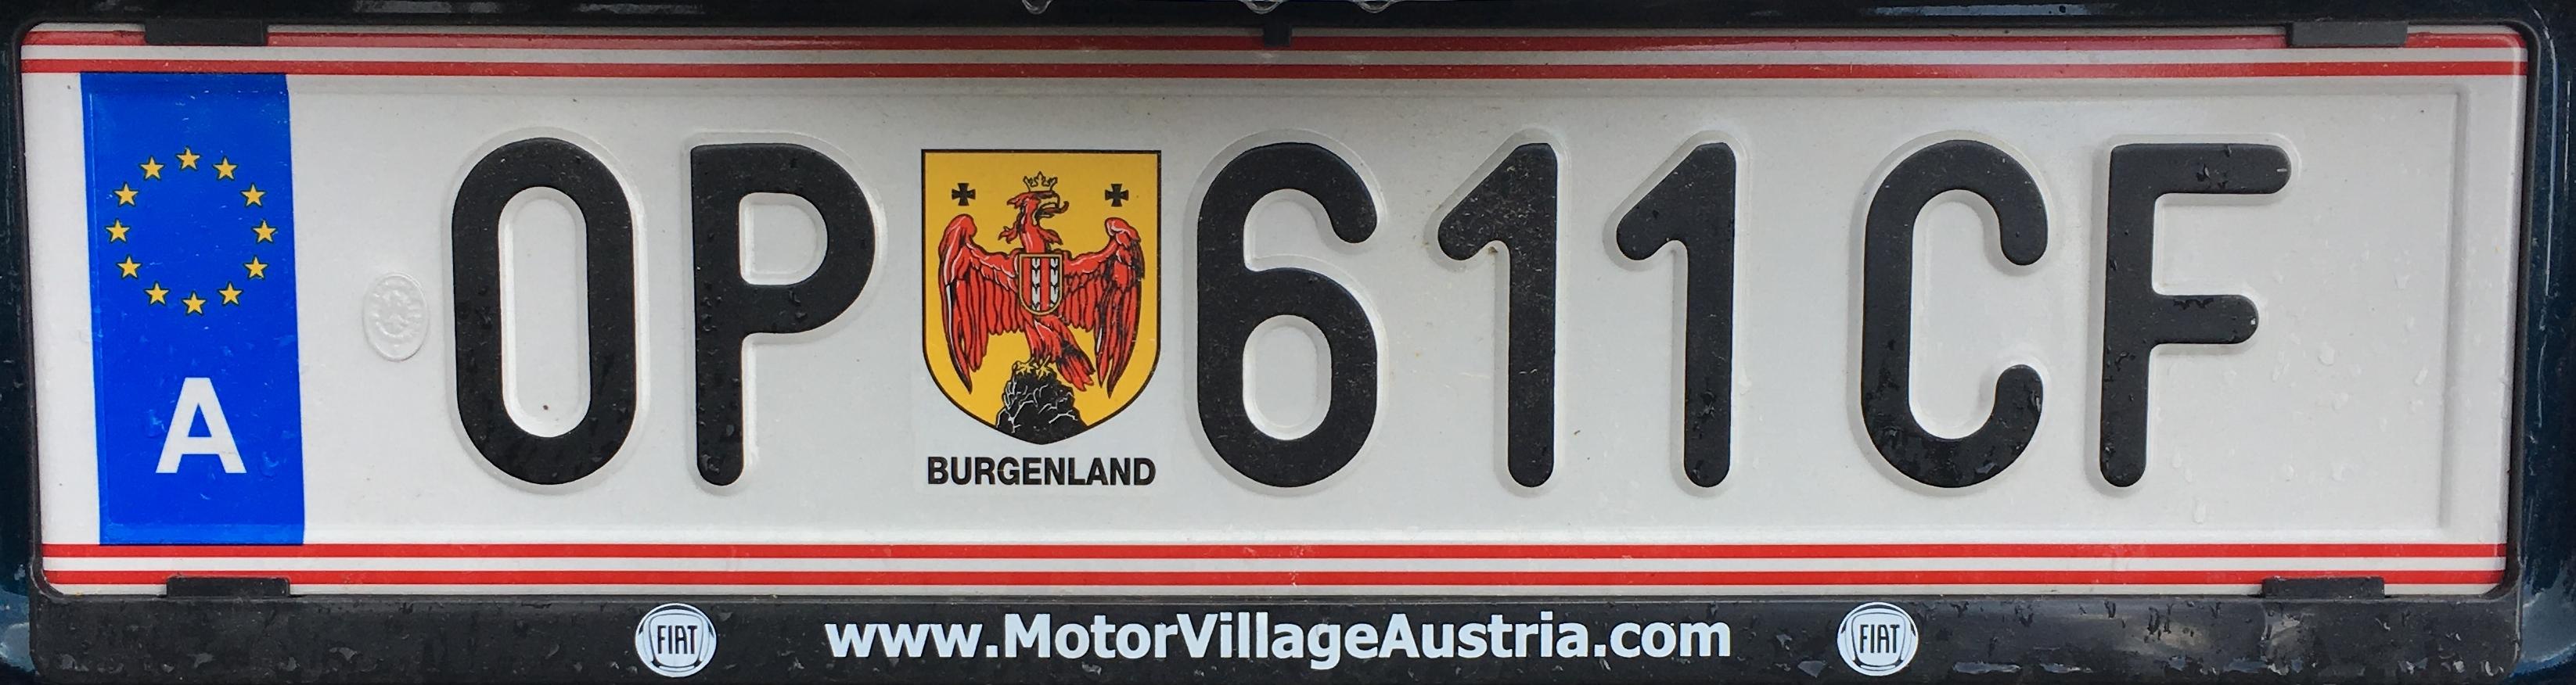 Registrační značka Rakousko - OP – Oberpullendorf, foto: www.podalnici.cz